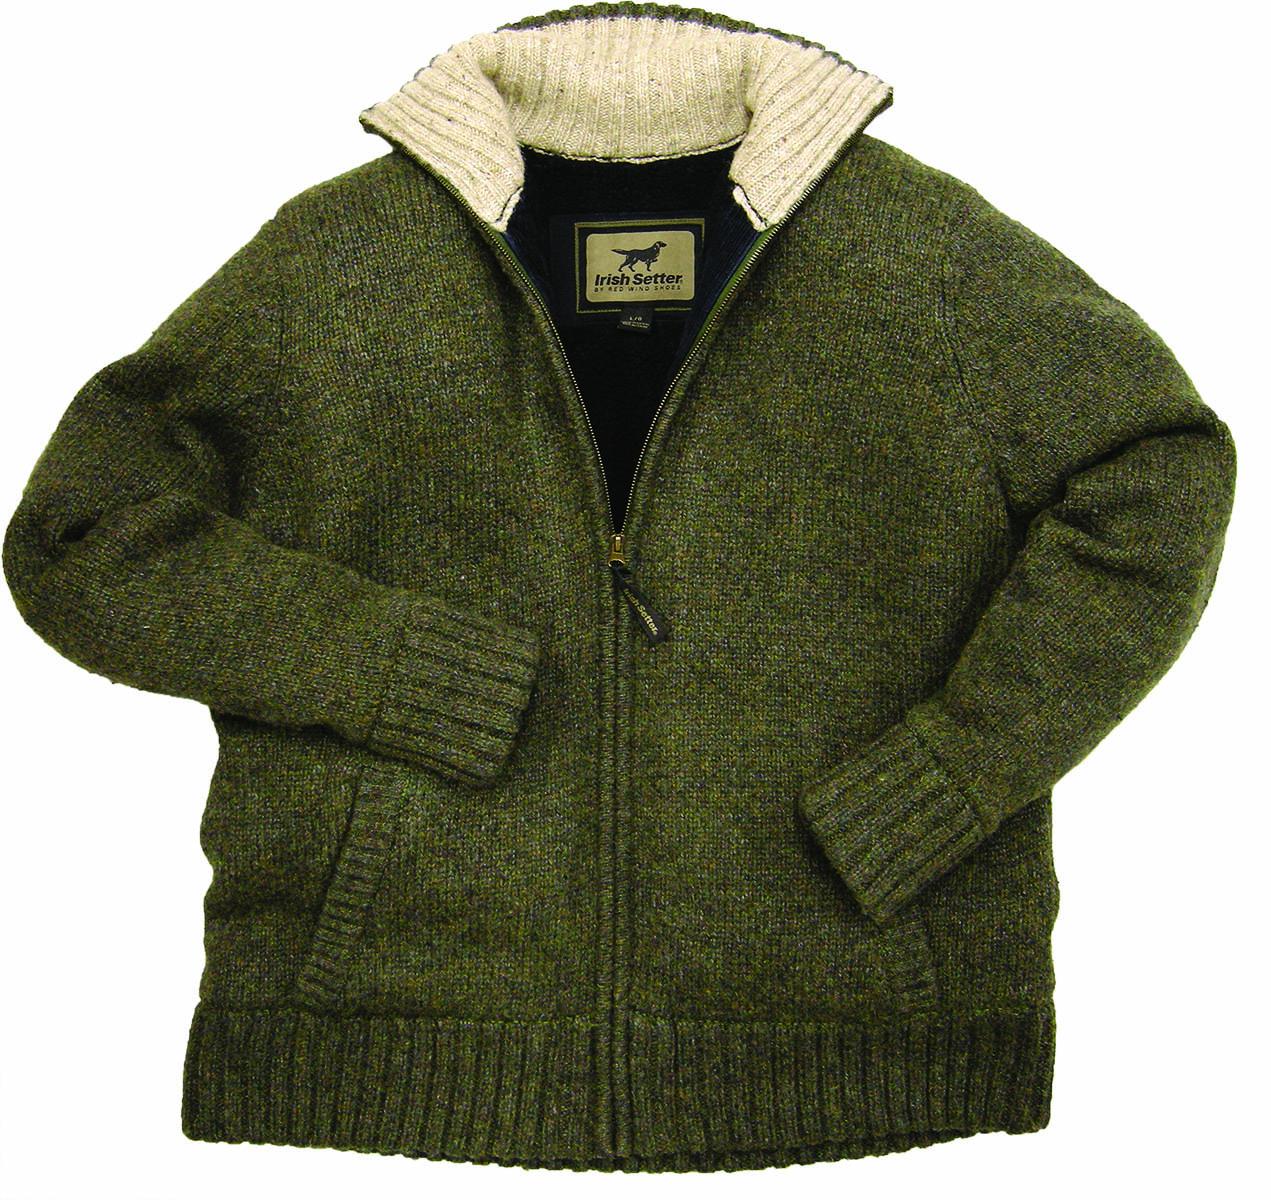 Irish Setter Easton Sweater Knit